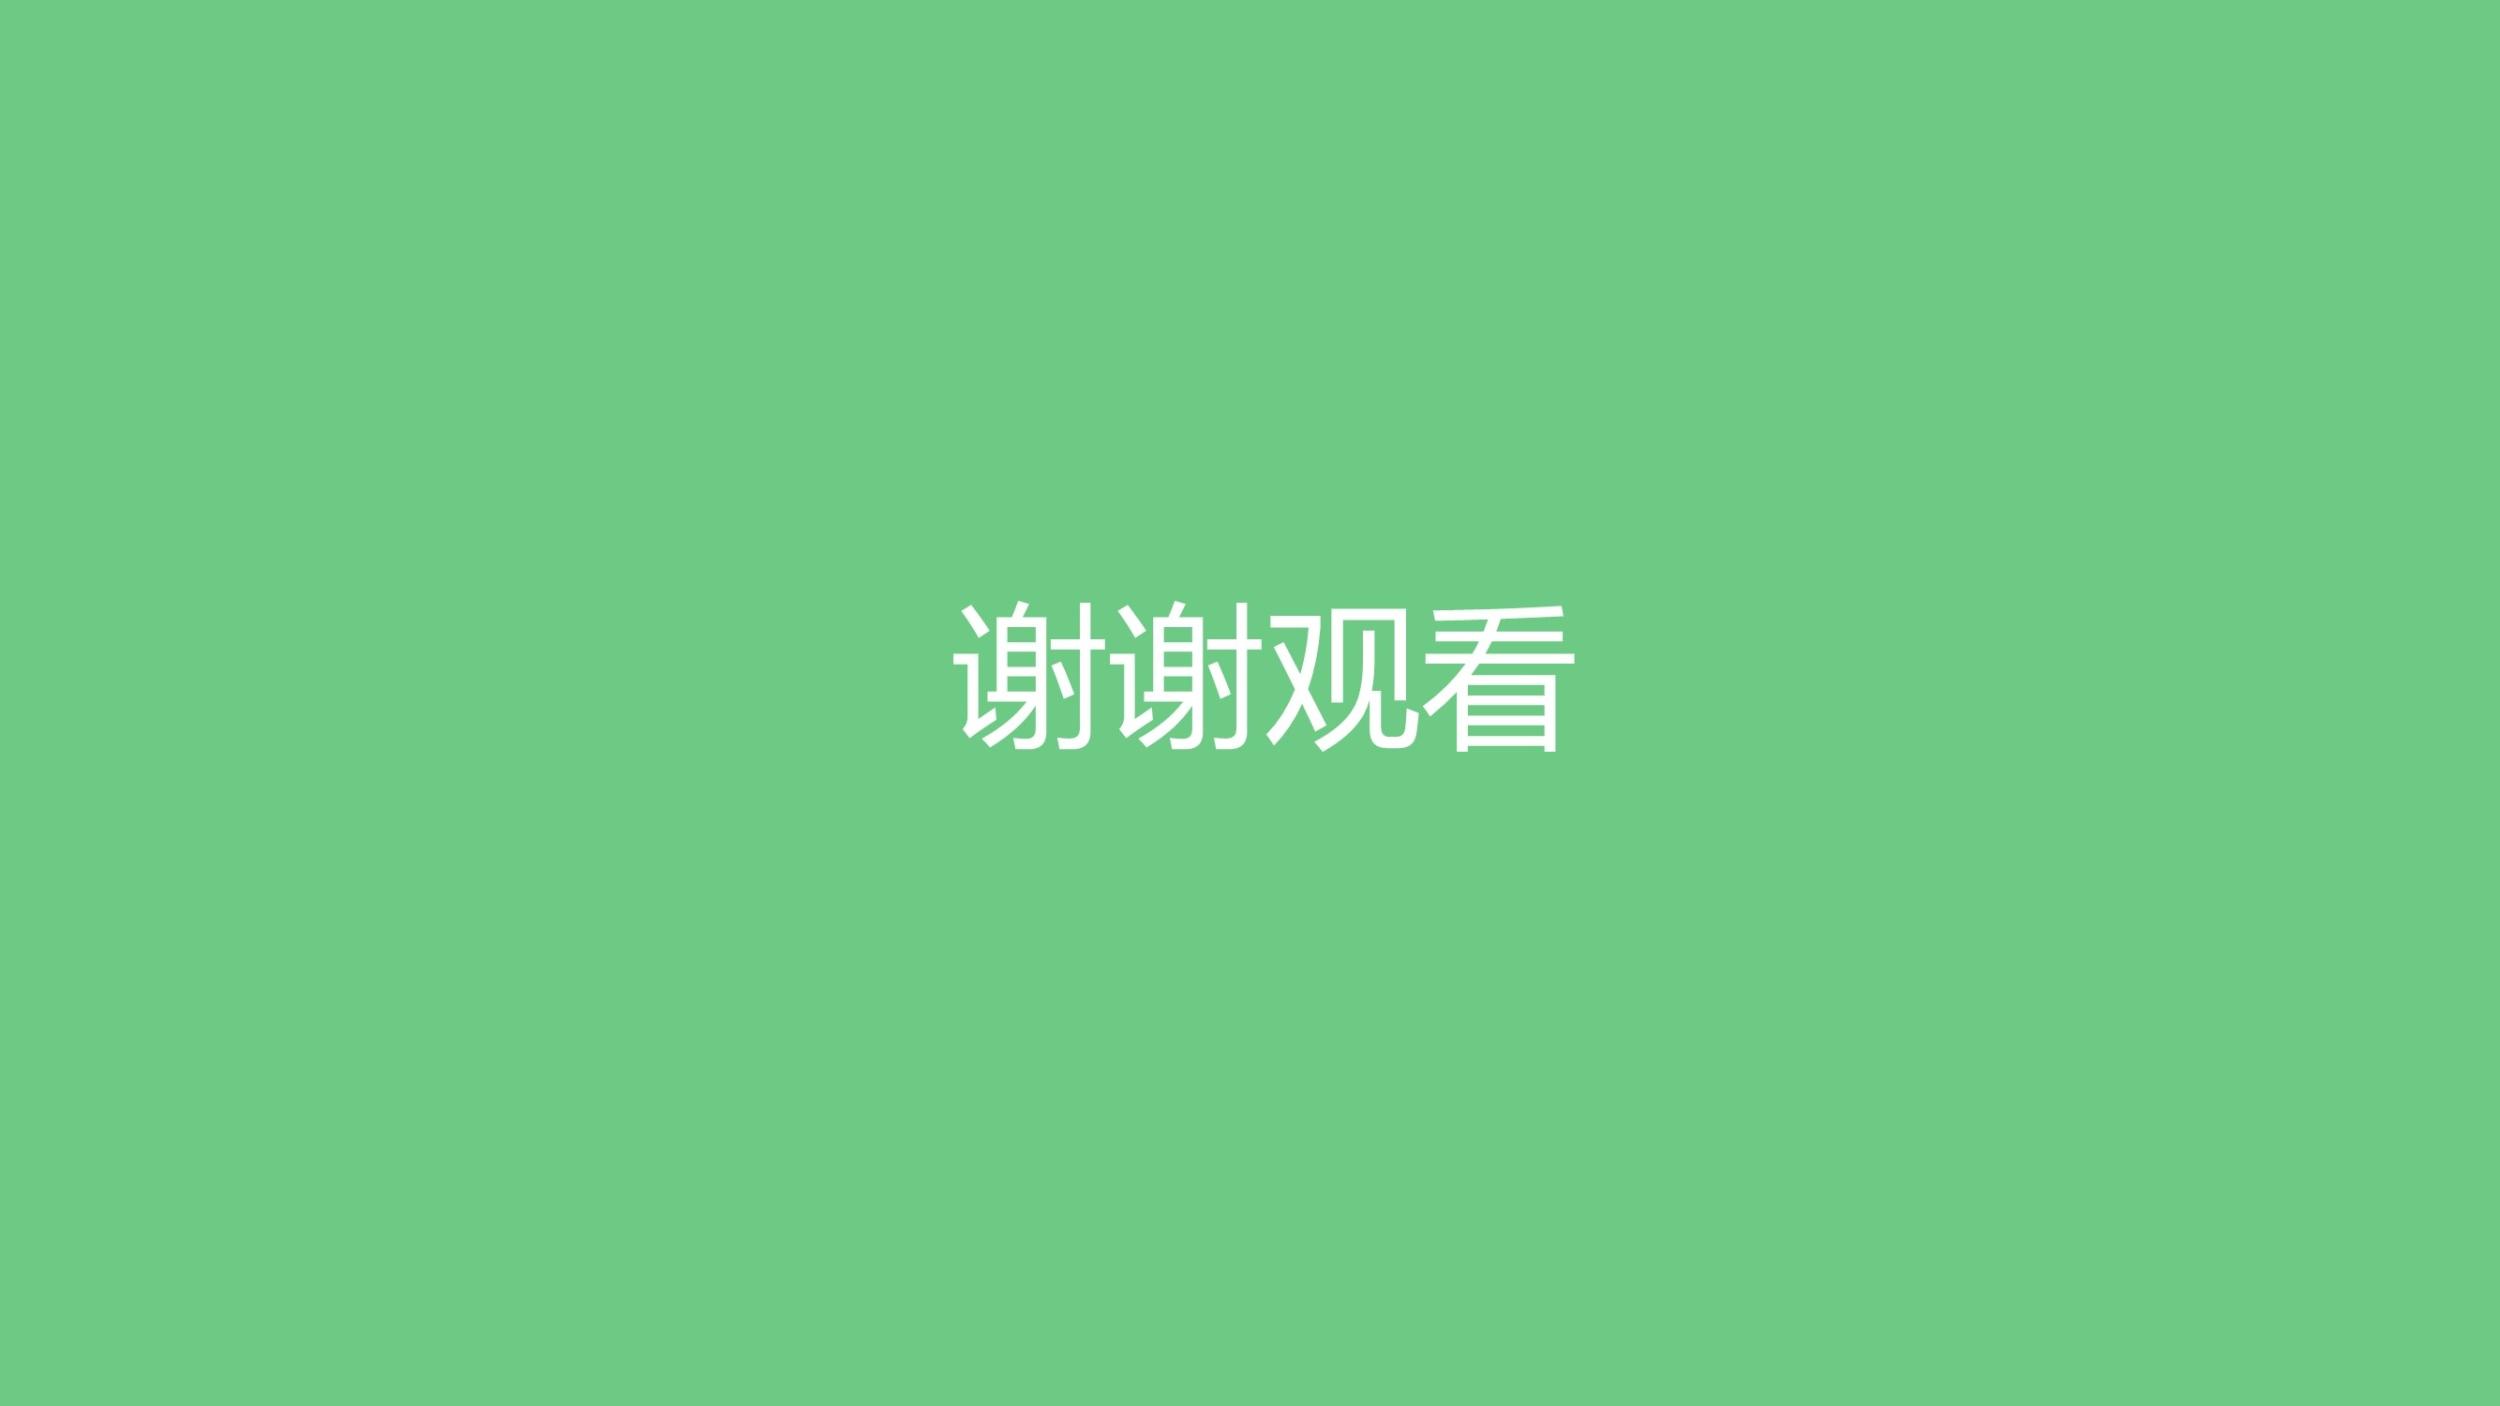 四川郎霖农业科技有限公司20